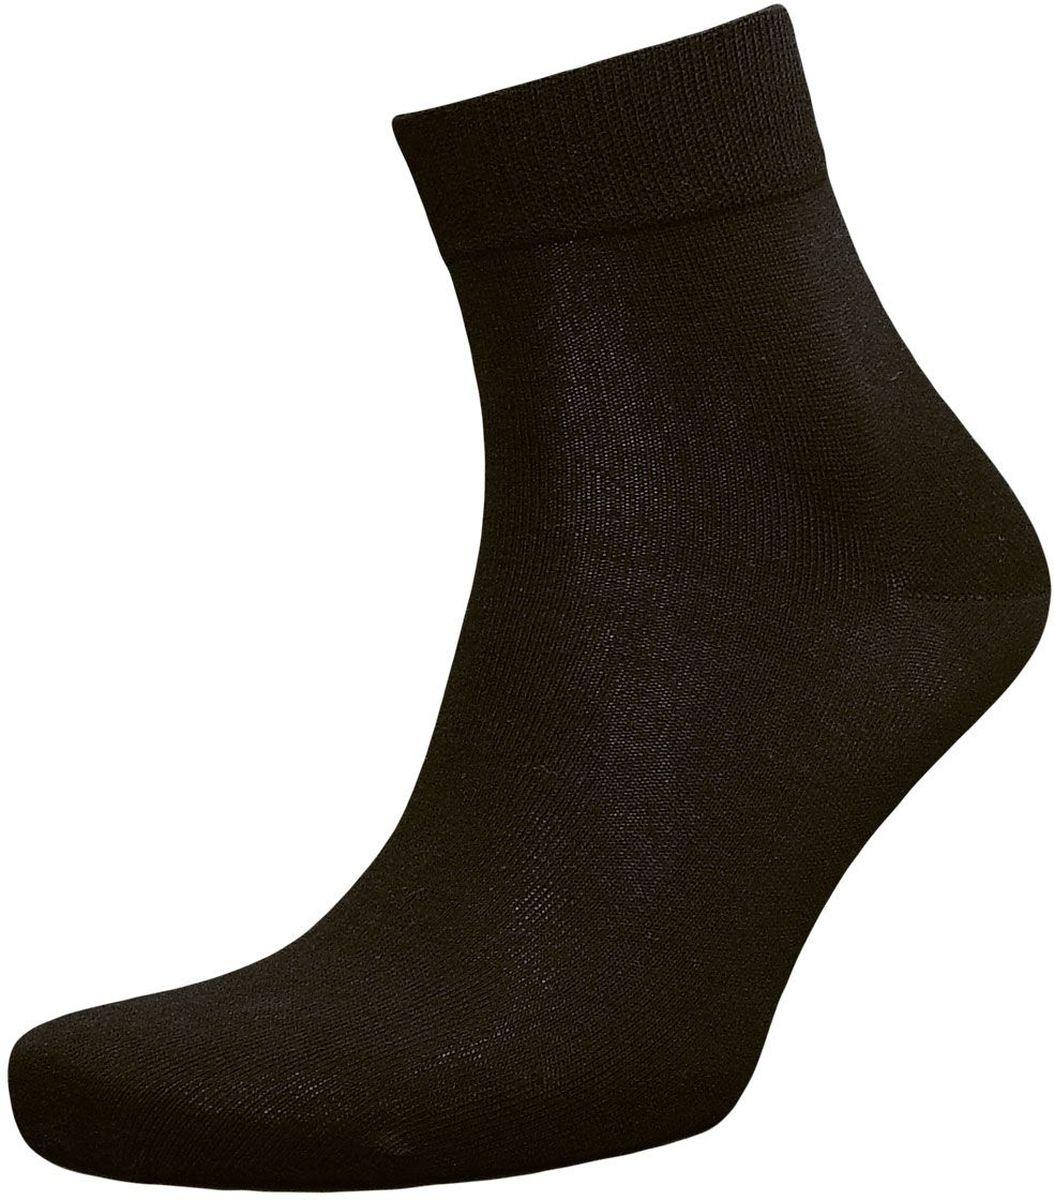 Носки мужские Гранд, цвет: серый, 2 пары. ZC113. Размер 29